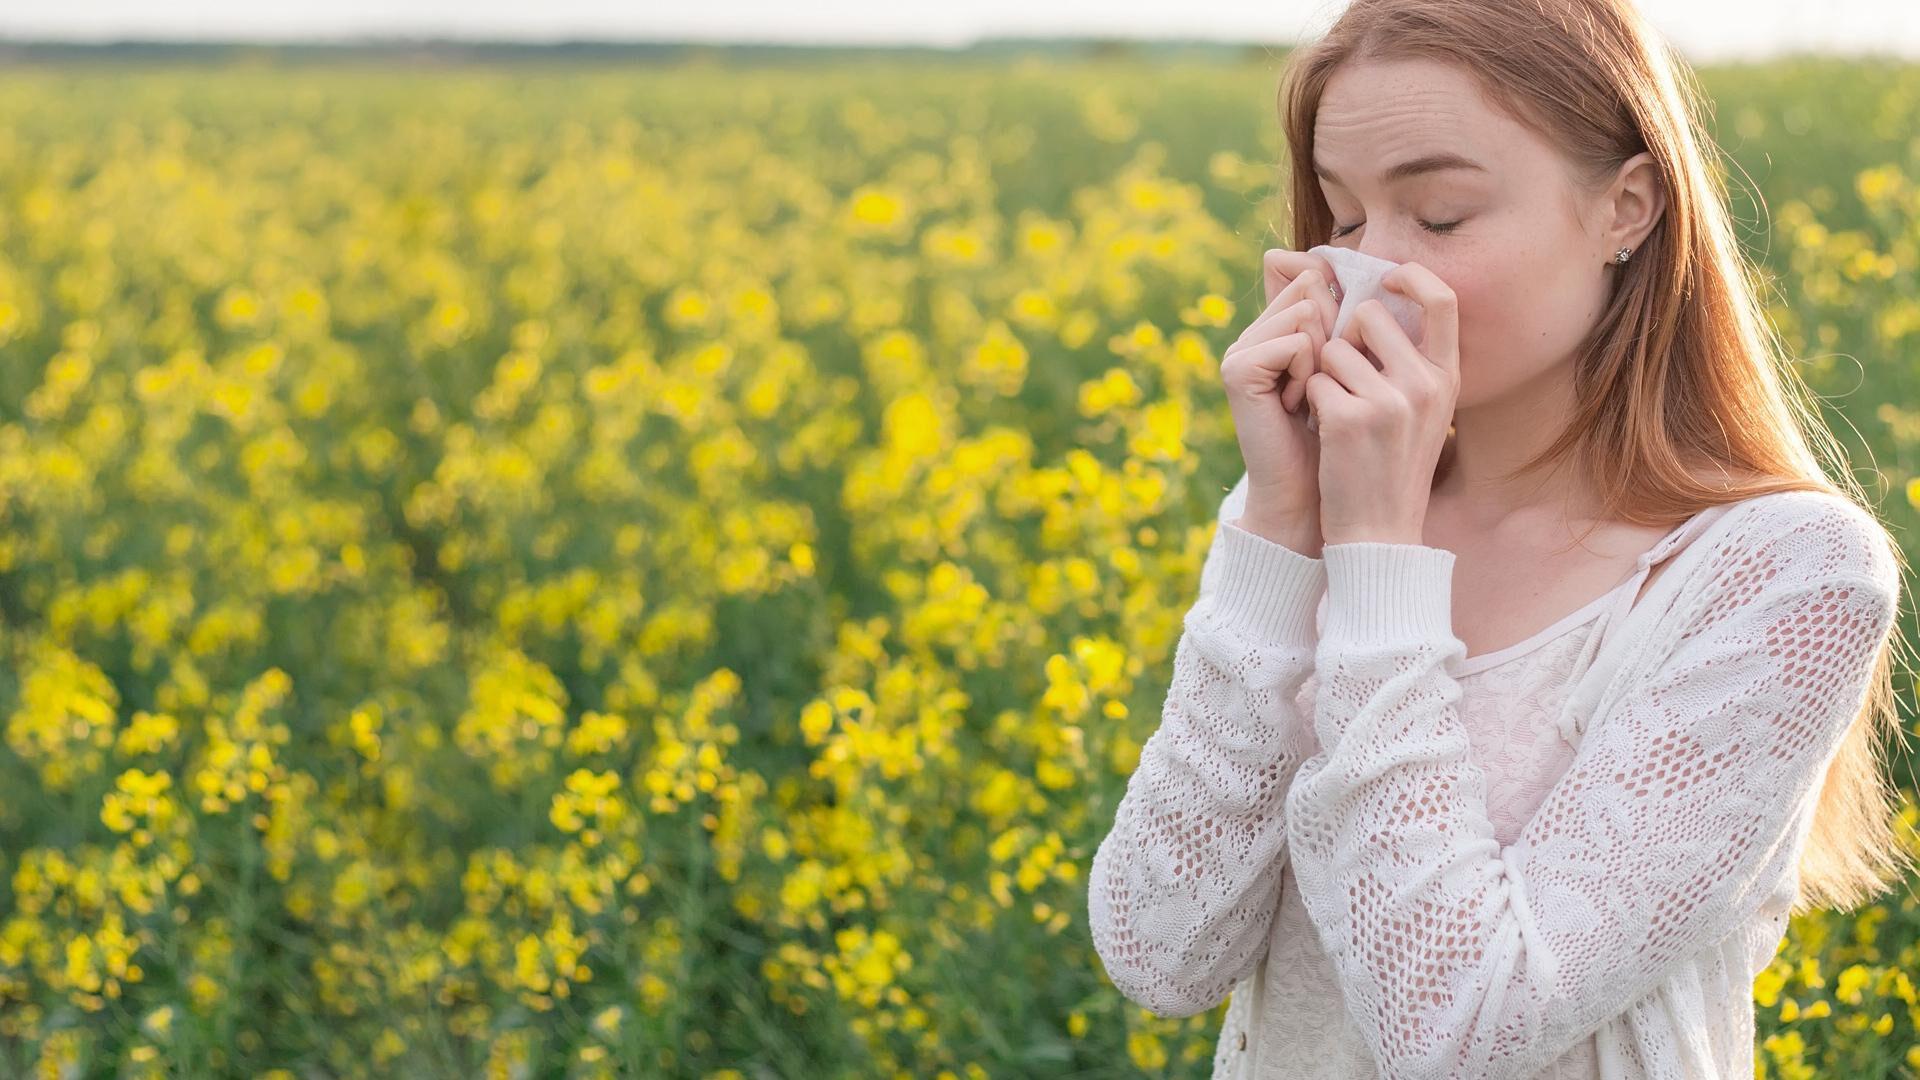 Näin tunnistat siitepölystä johtuvat allergiset silmäoireet ja hoidat niitä oikein